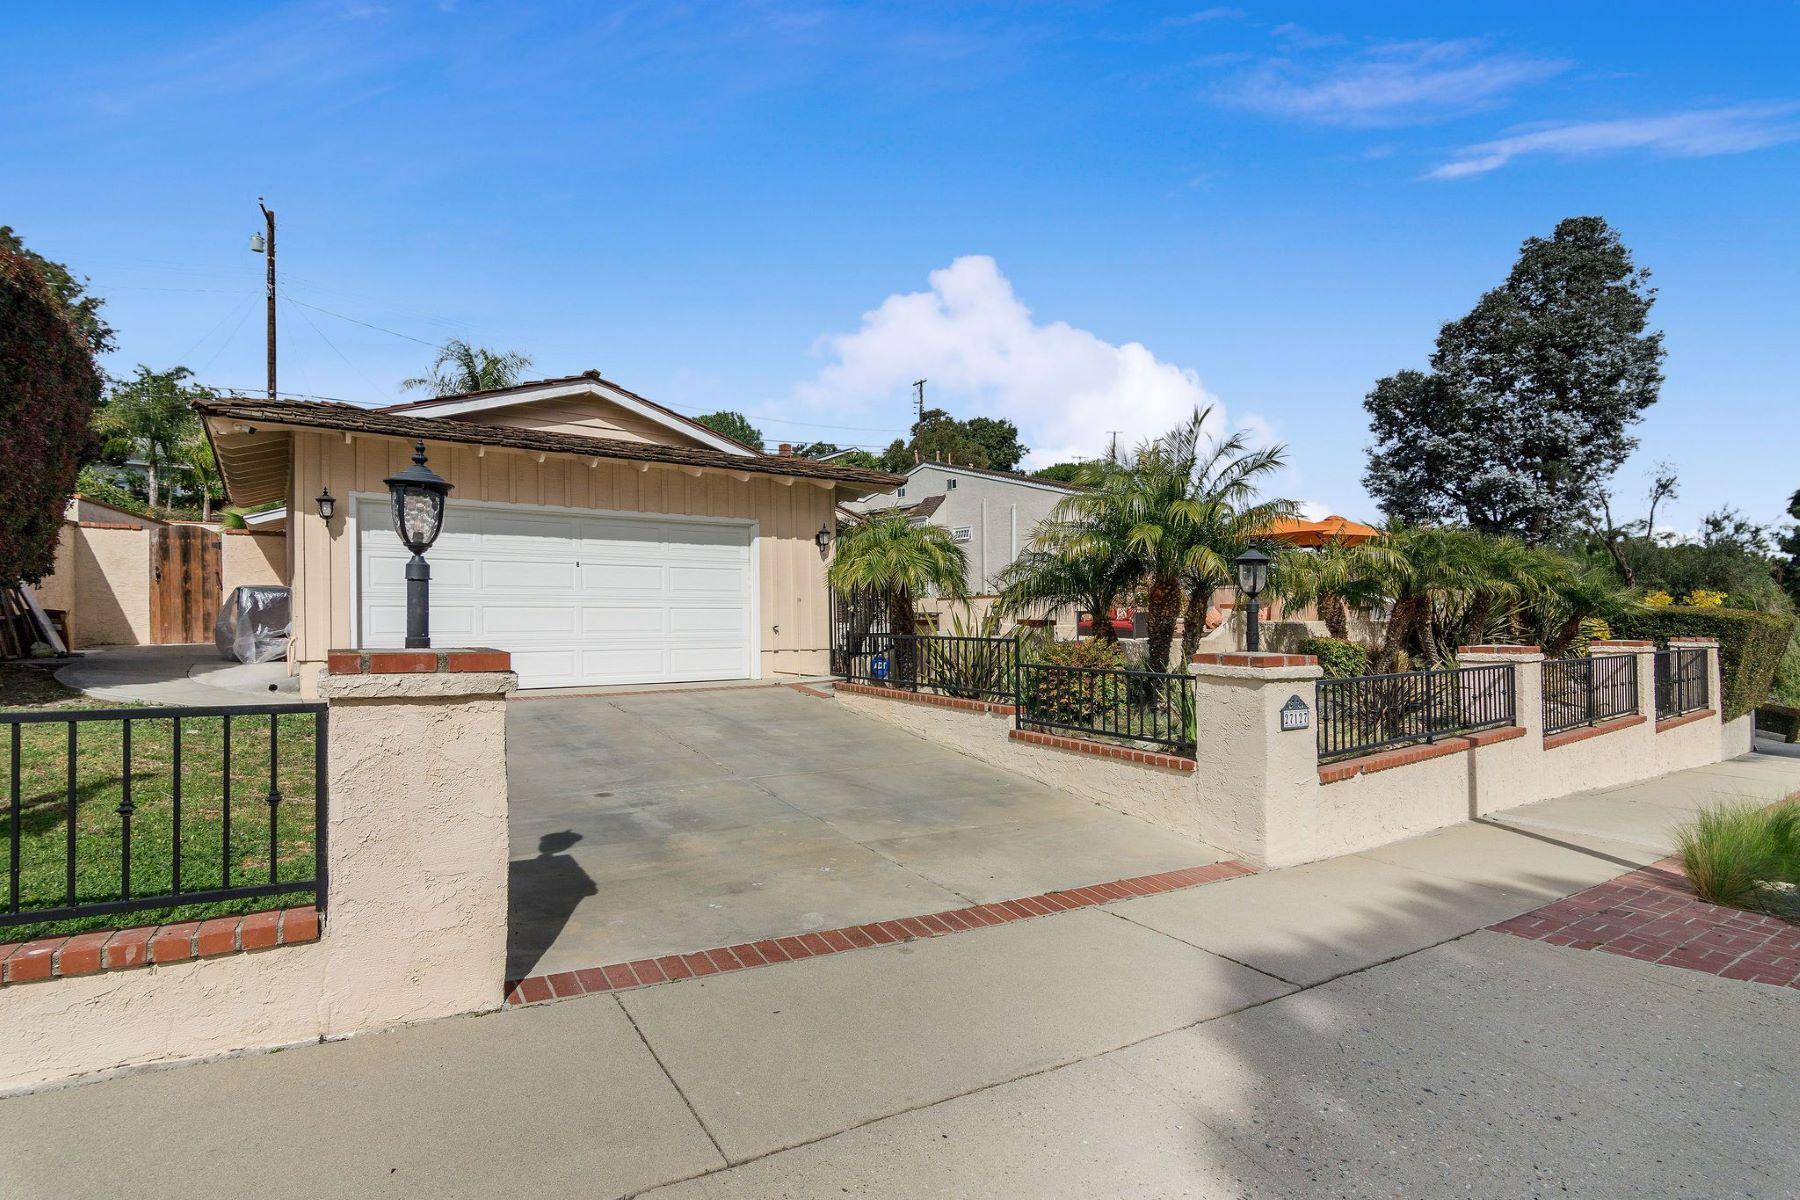 Single Family Homes for Active at 27127 Shorewood Road, Rancho Palos Verdes, CA 90275 27127 Shorewood Road Rancho Palos Verdes, California 90275 United States